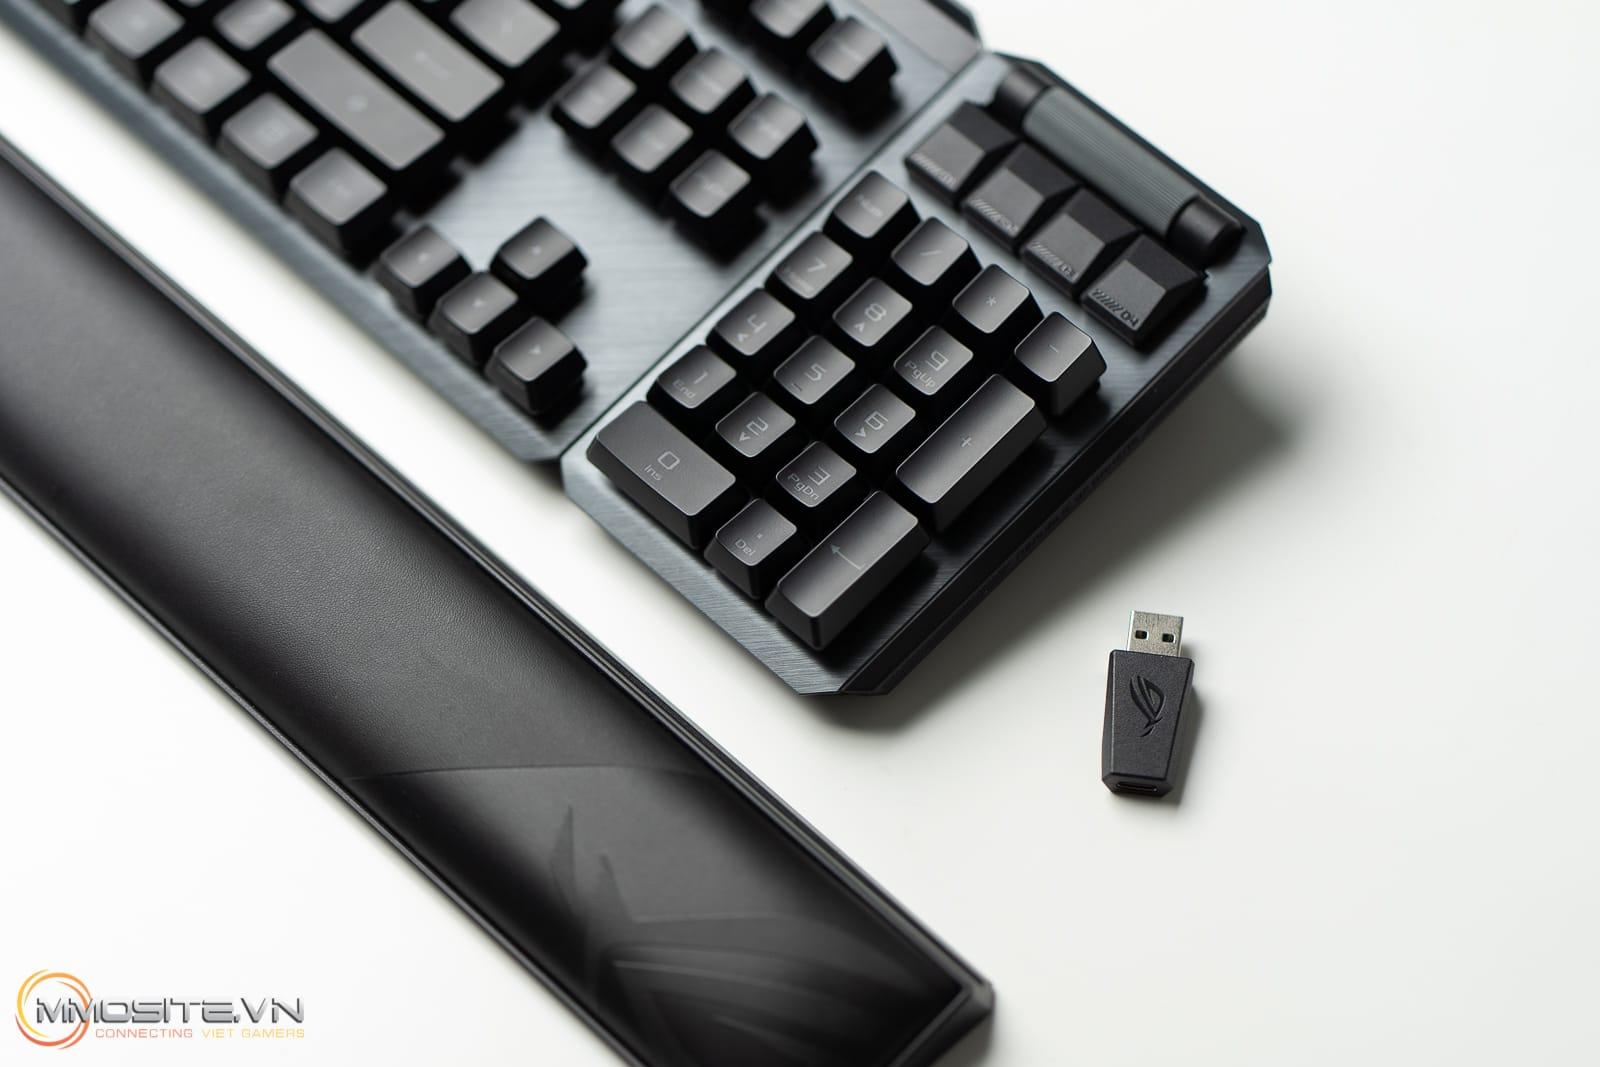 Đánh giá nhanh ASUS ROG Claymore II - bản cải tiến đầy mạnh mẽ với ROG RX Switch